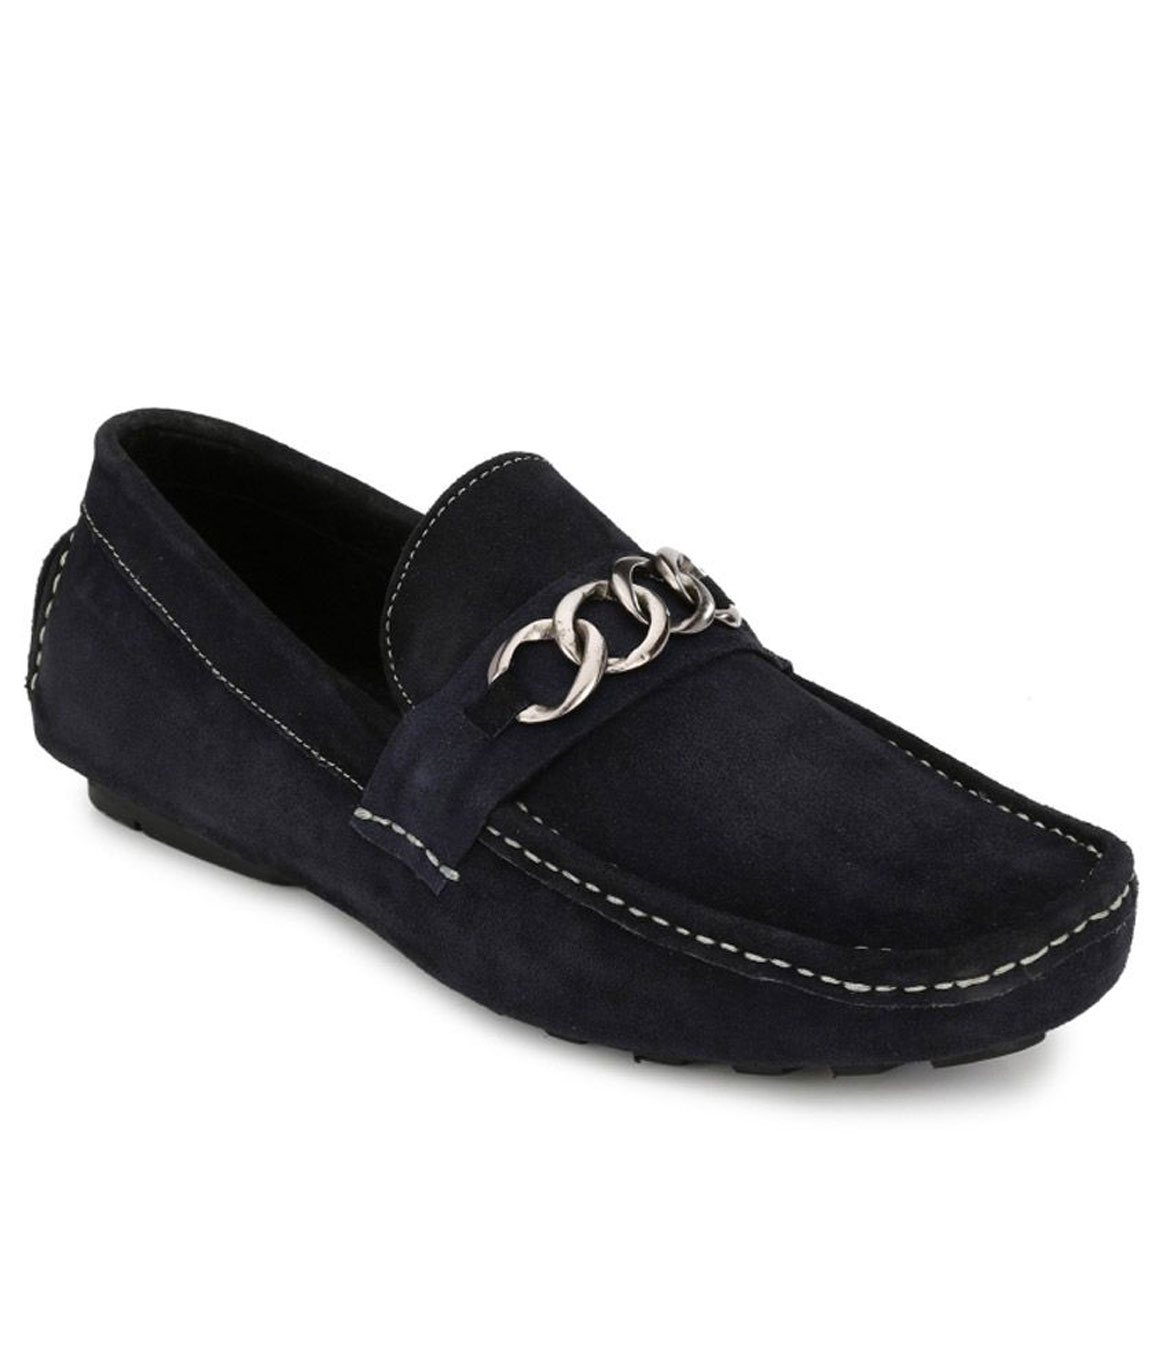 Boggy Confort Black Loafer